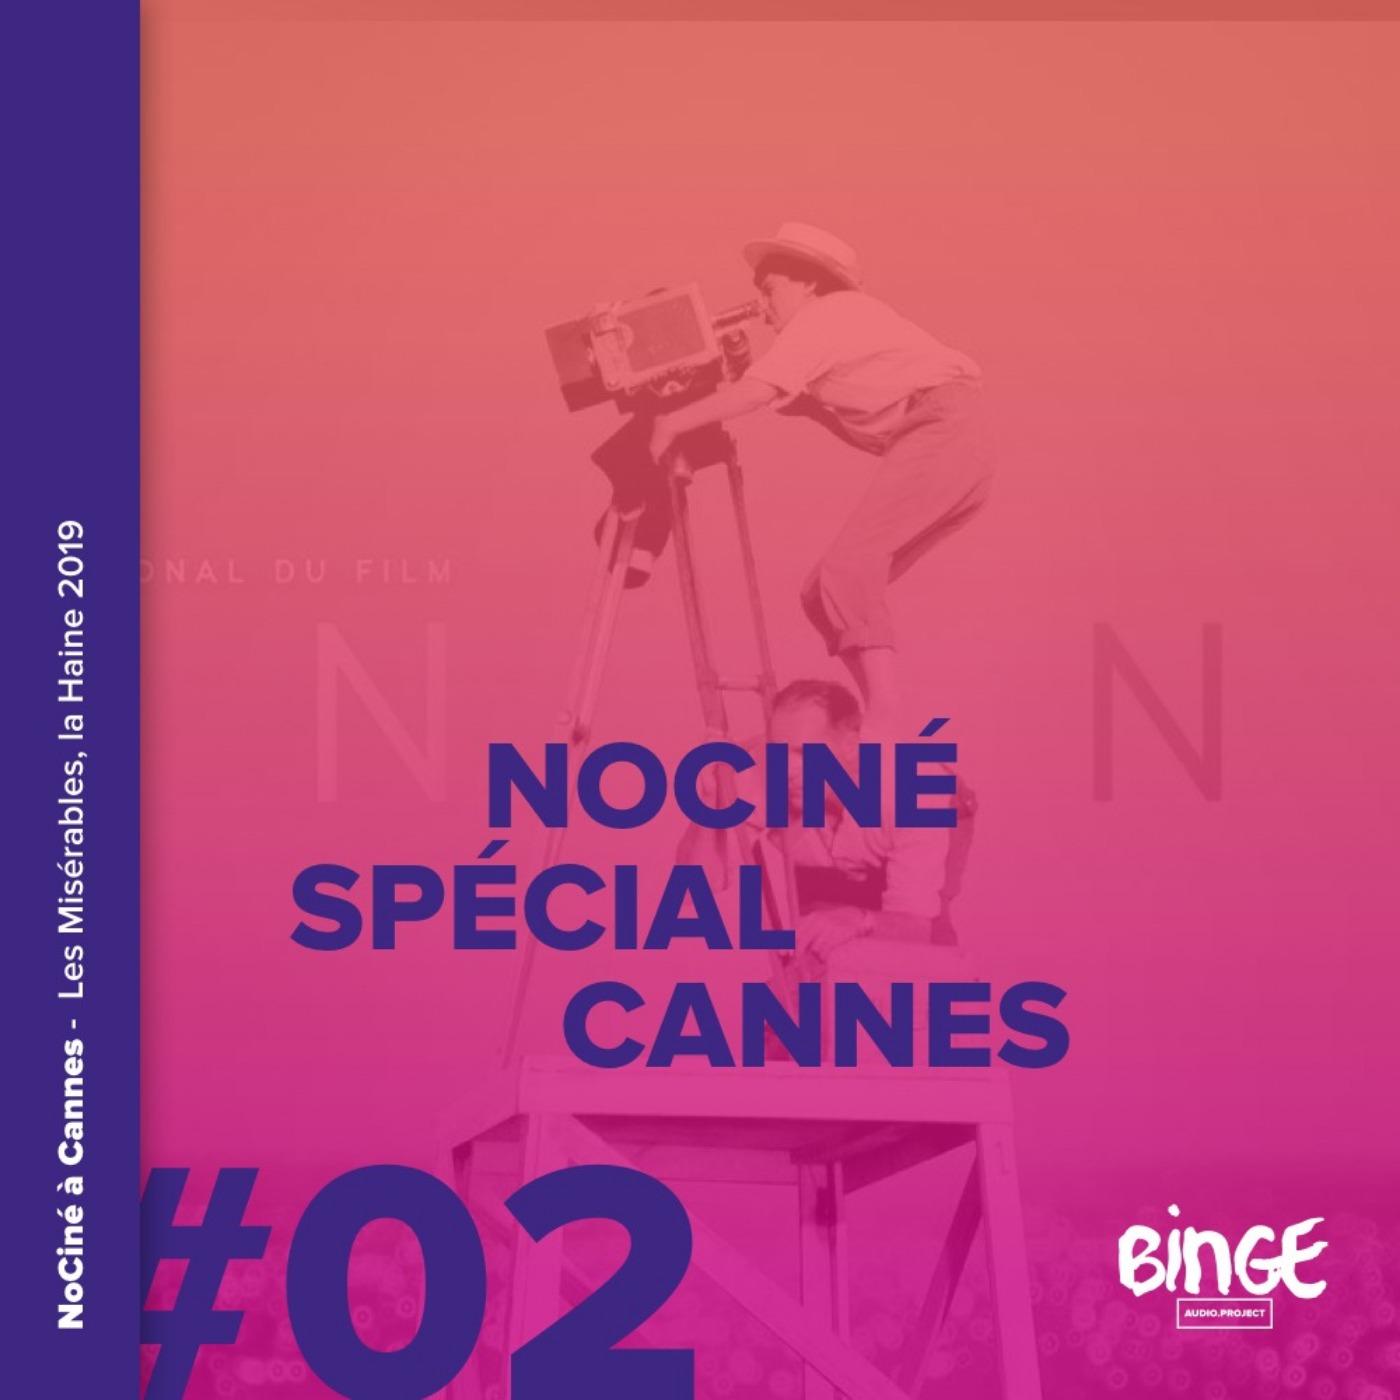 Cannes - Les Misérables, la Haine 2019 ?